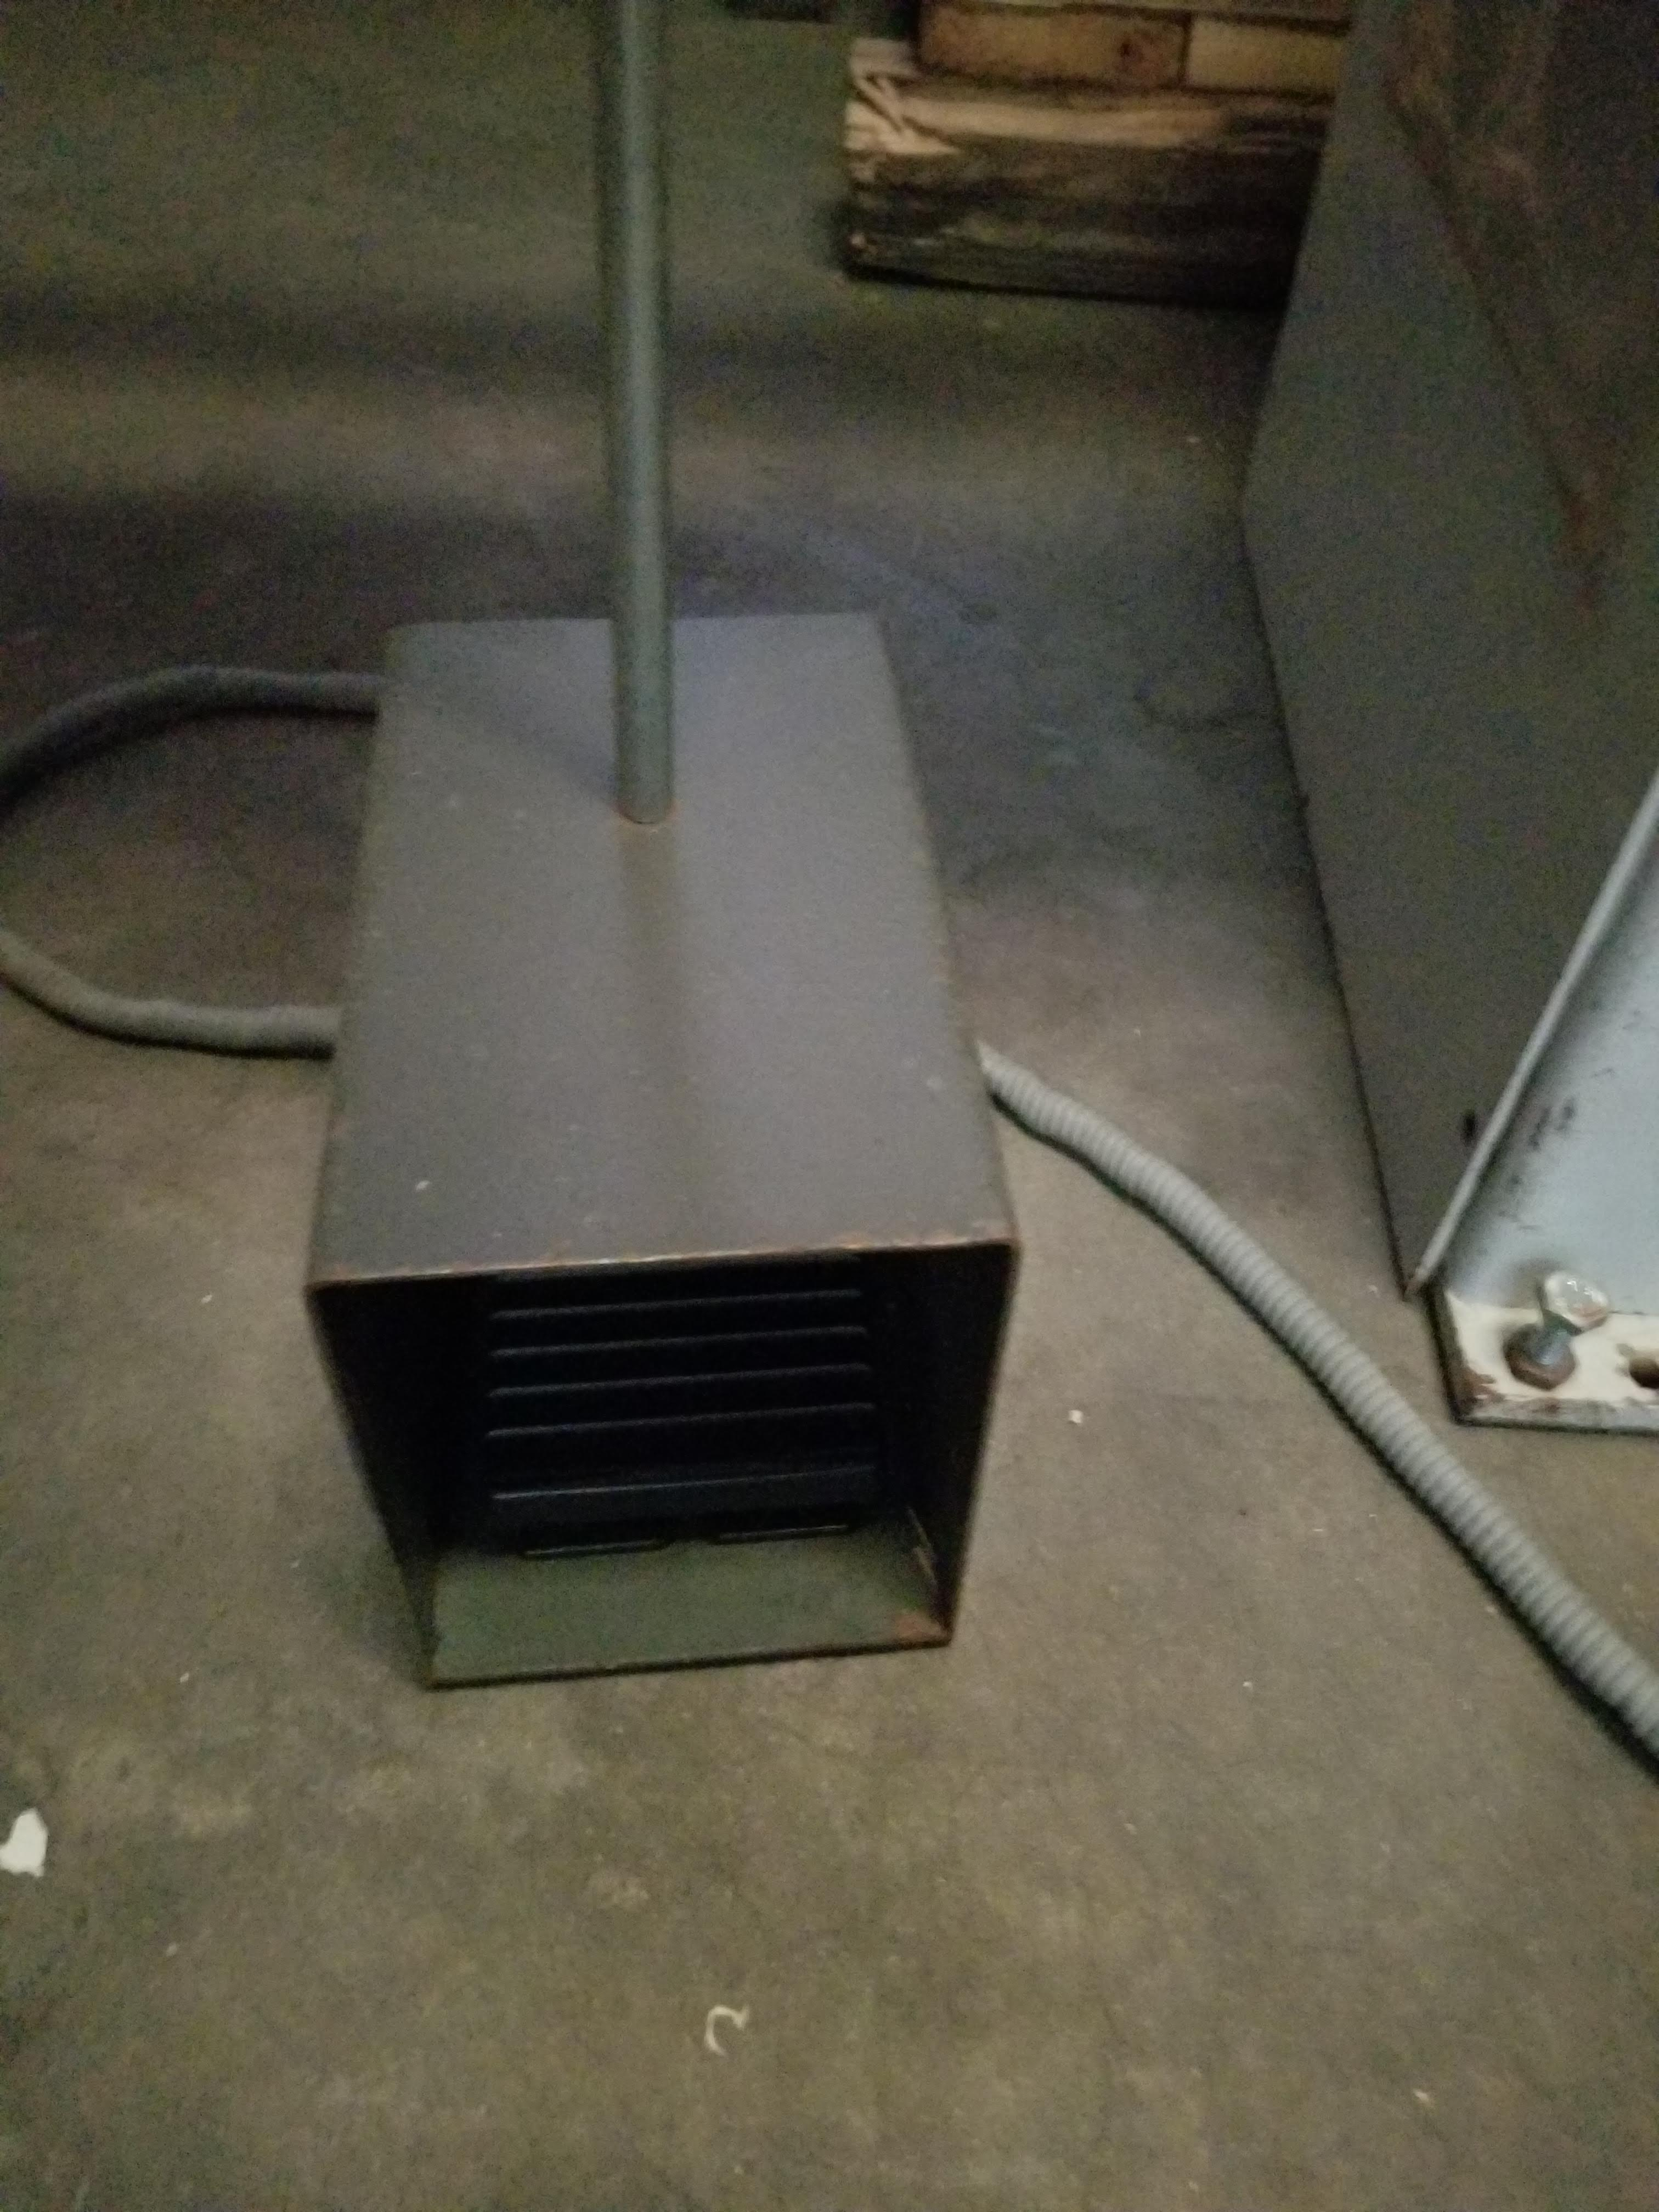 Lot 13 - Gannomat Hinge Boring Machine, Type #271 1.5 hp, 3ph, Hinge drilling and insertion machine. Equipped